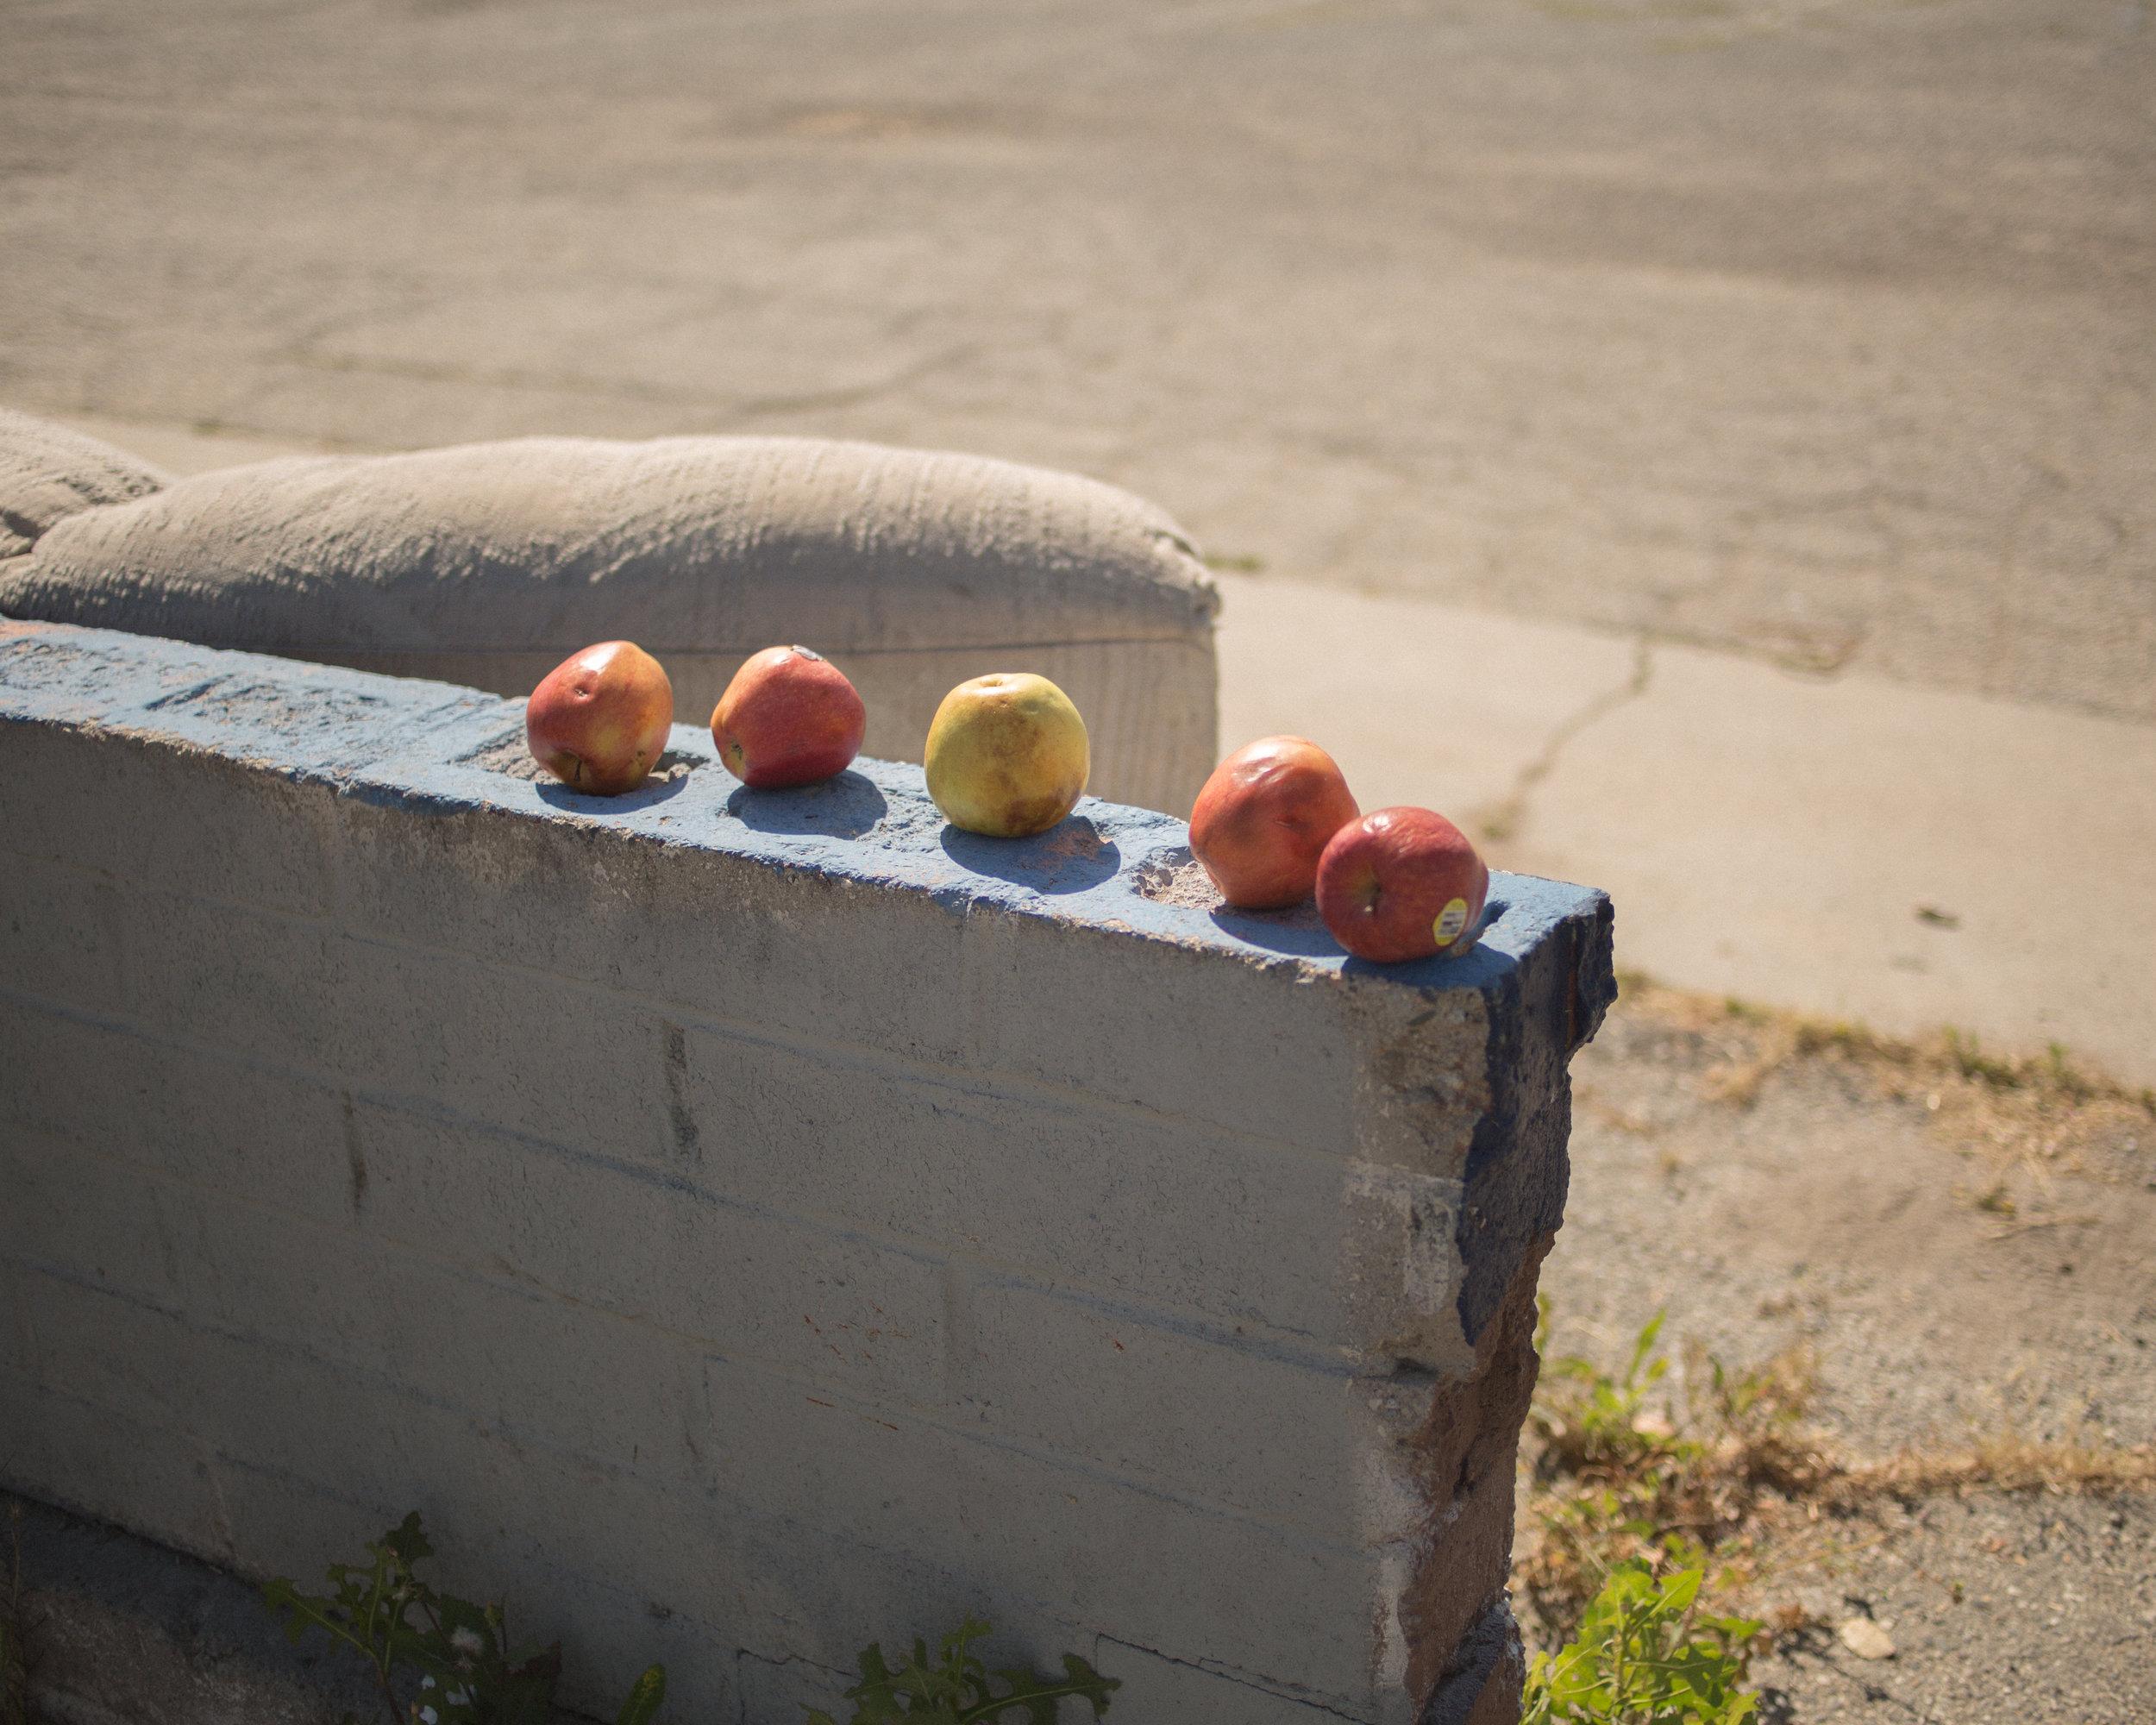 25.2_Abandoned Fruit, Riverside.jpg